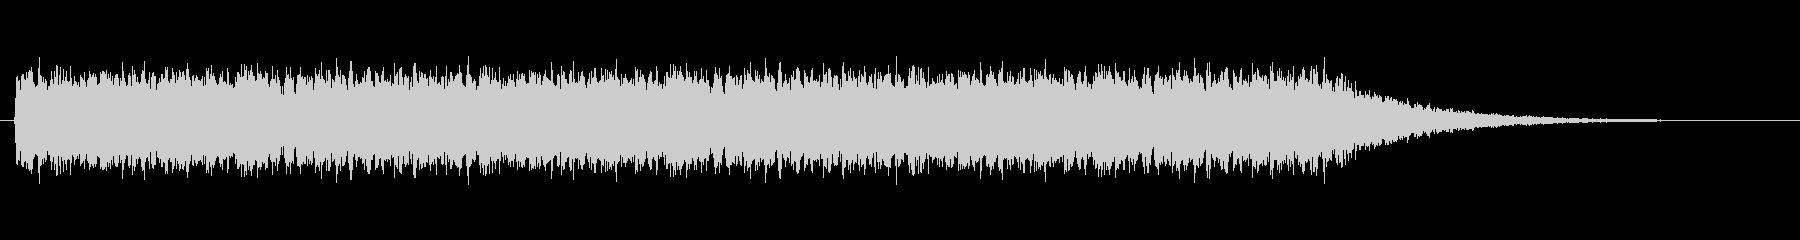 20秒間の不吉な持続音の未再生の波形